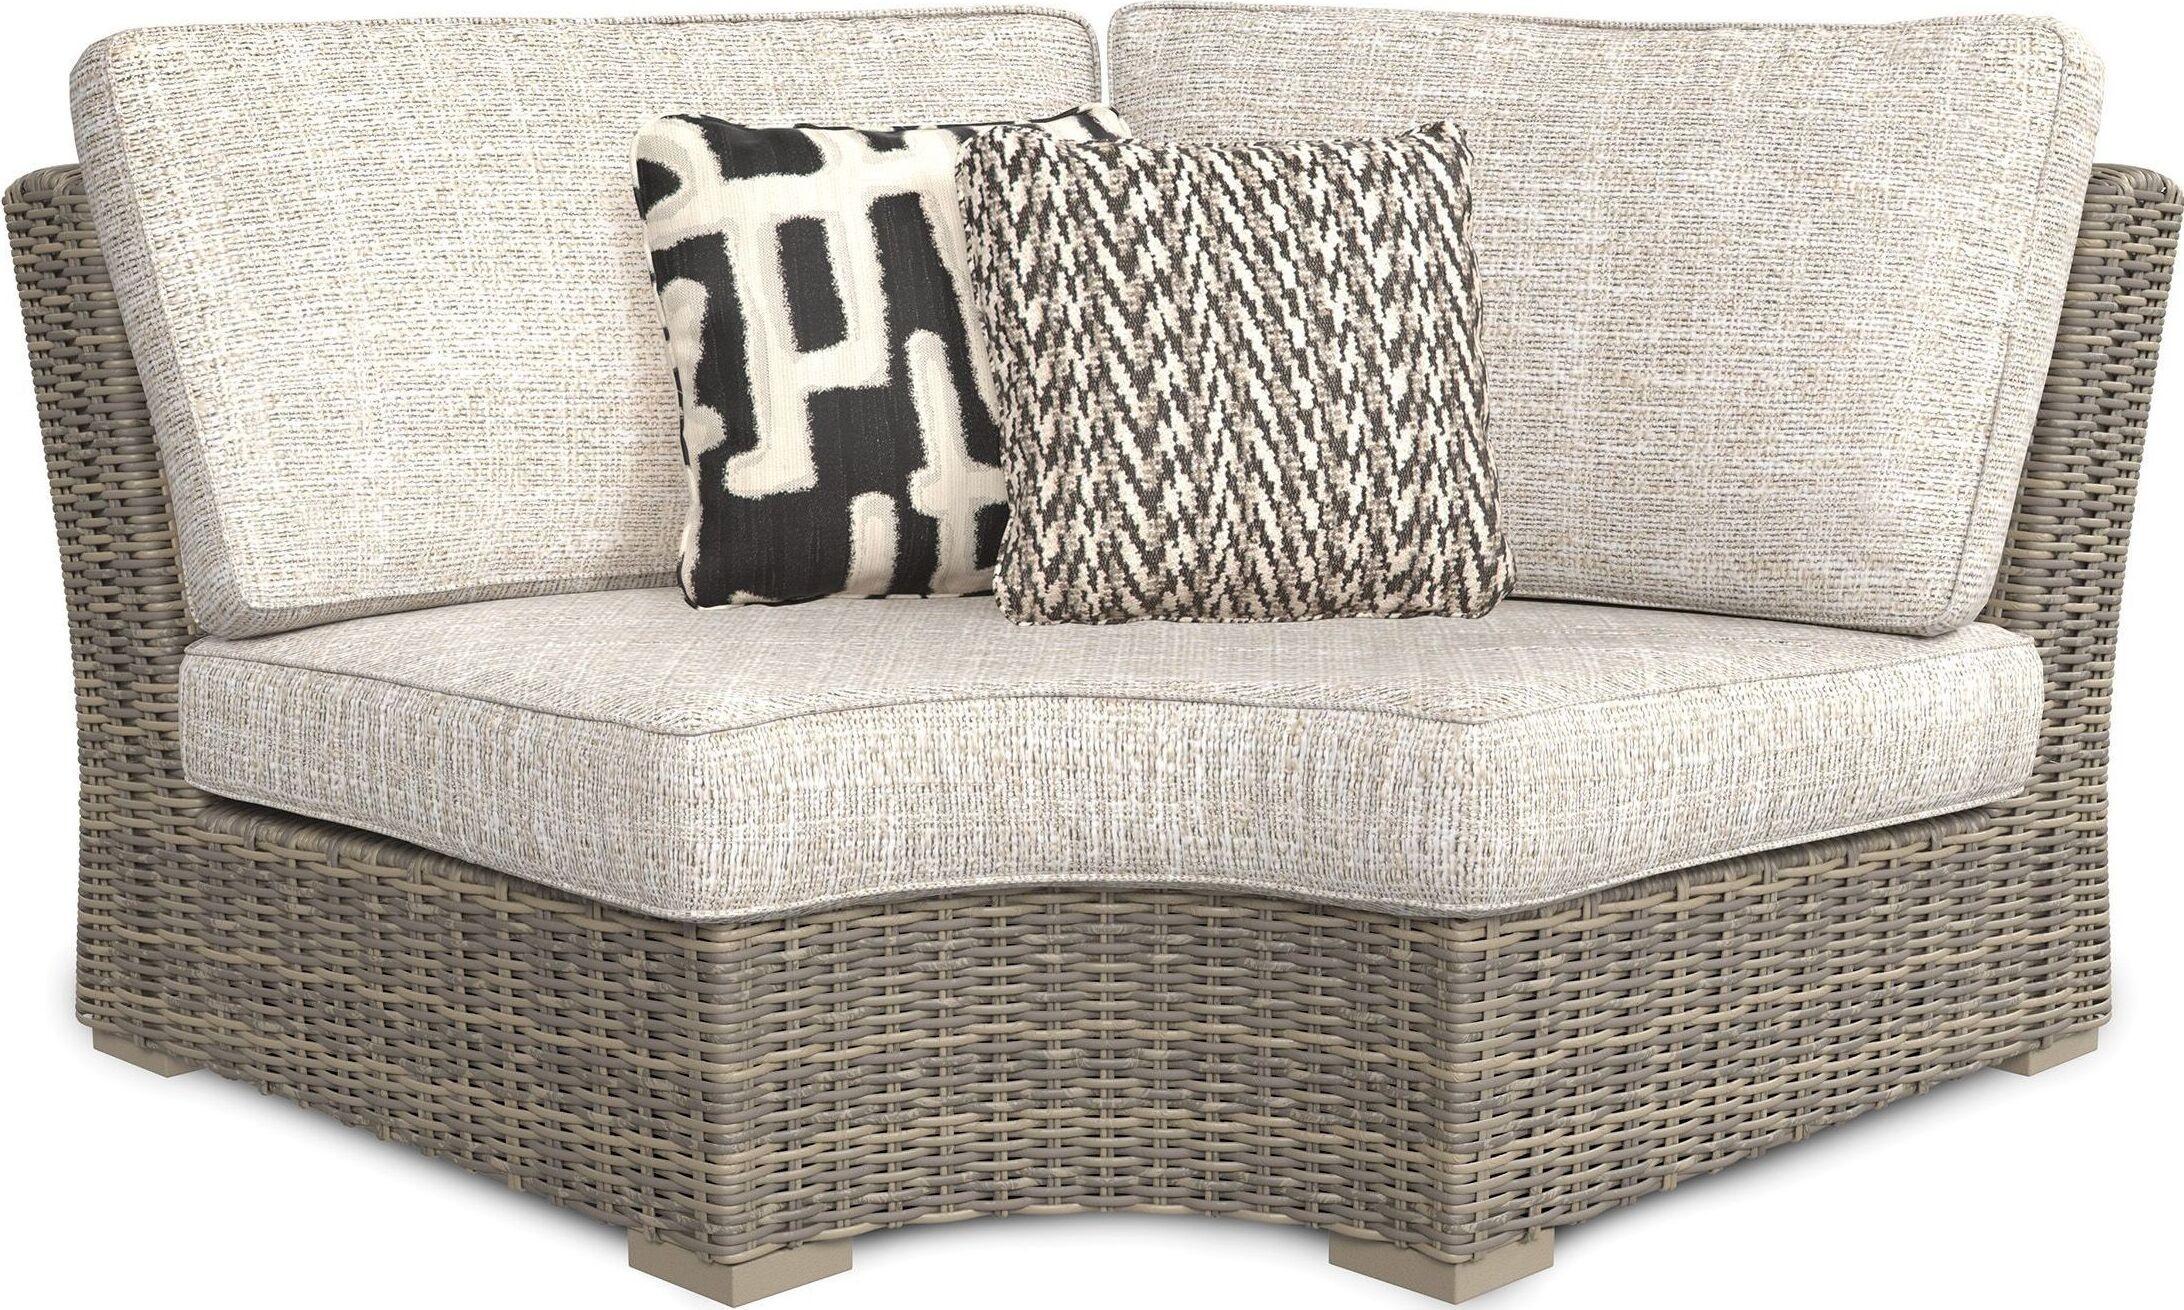 Beachcroft Beige Outdoor Sectional - 1StopBedrooms. on Beachcroft Beige Outdoor Living Room Set id=45230